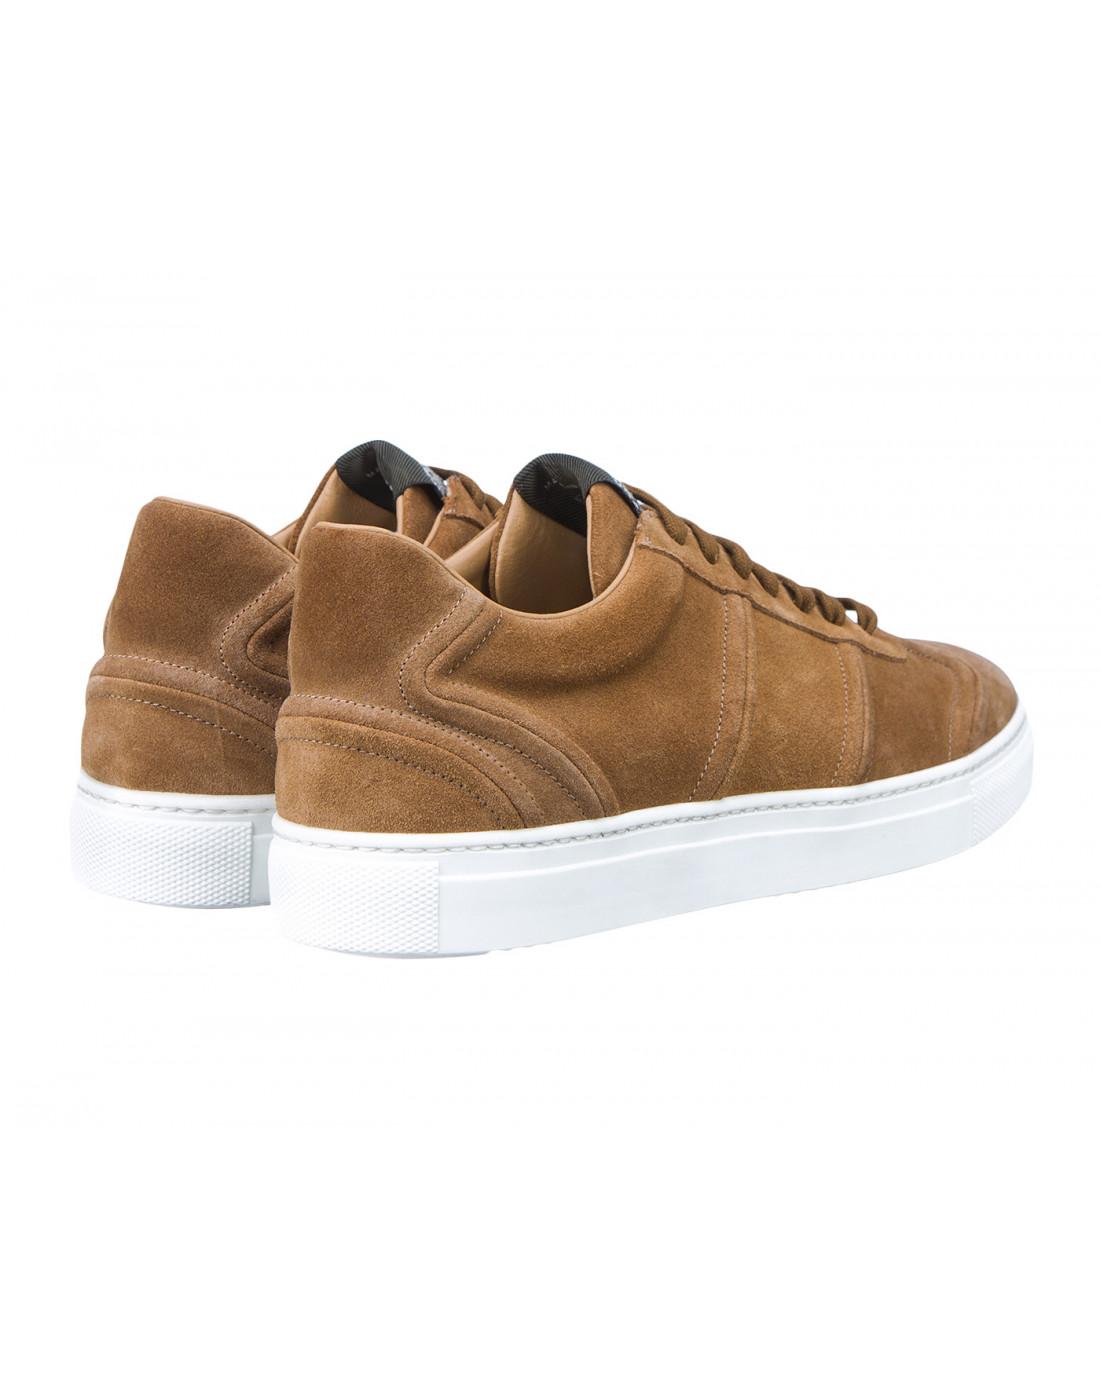 Кроссовки коричневые мужские Stokton S532-3